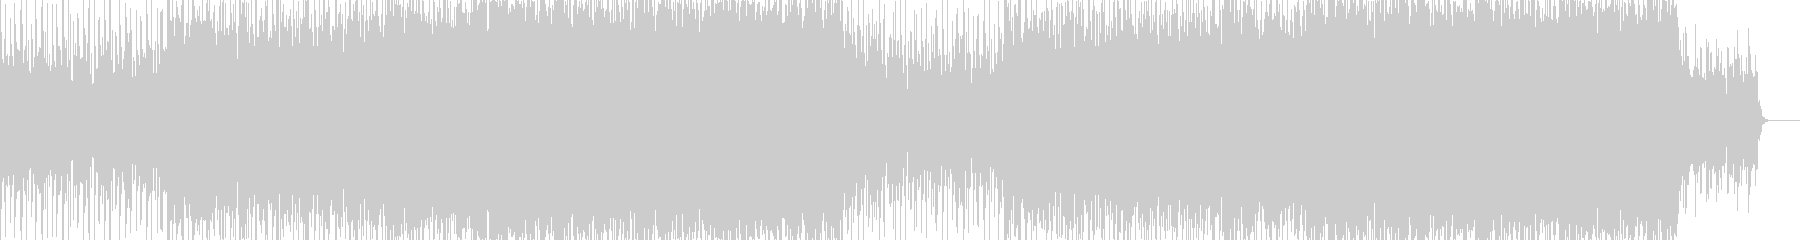 EDMクラブ系ダンスミュージック-69の未再生の波形